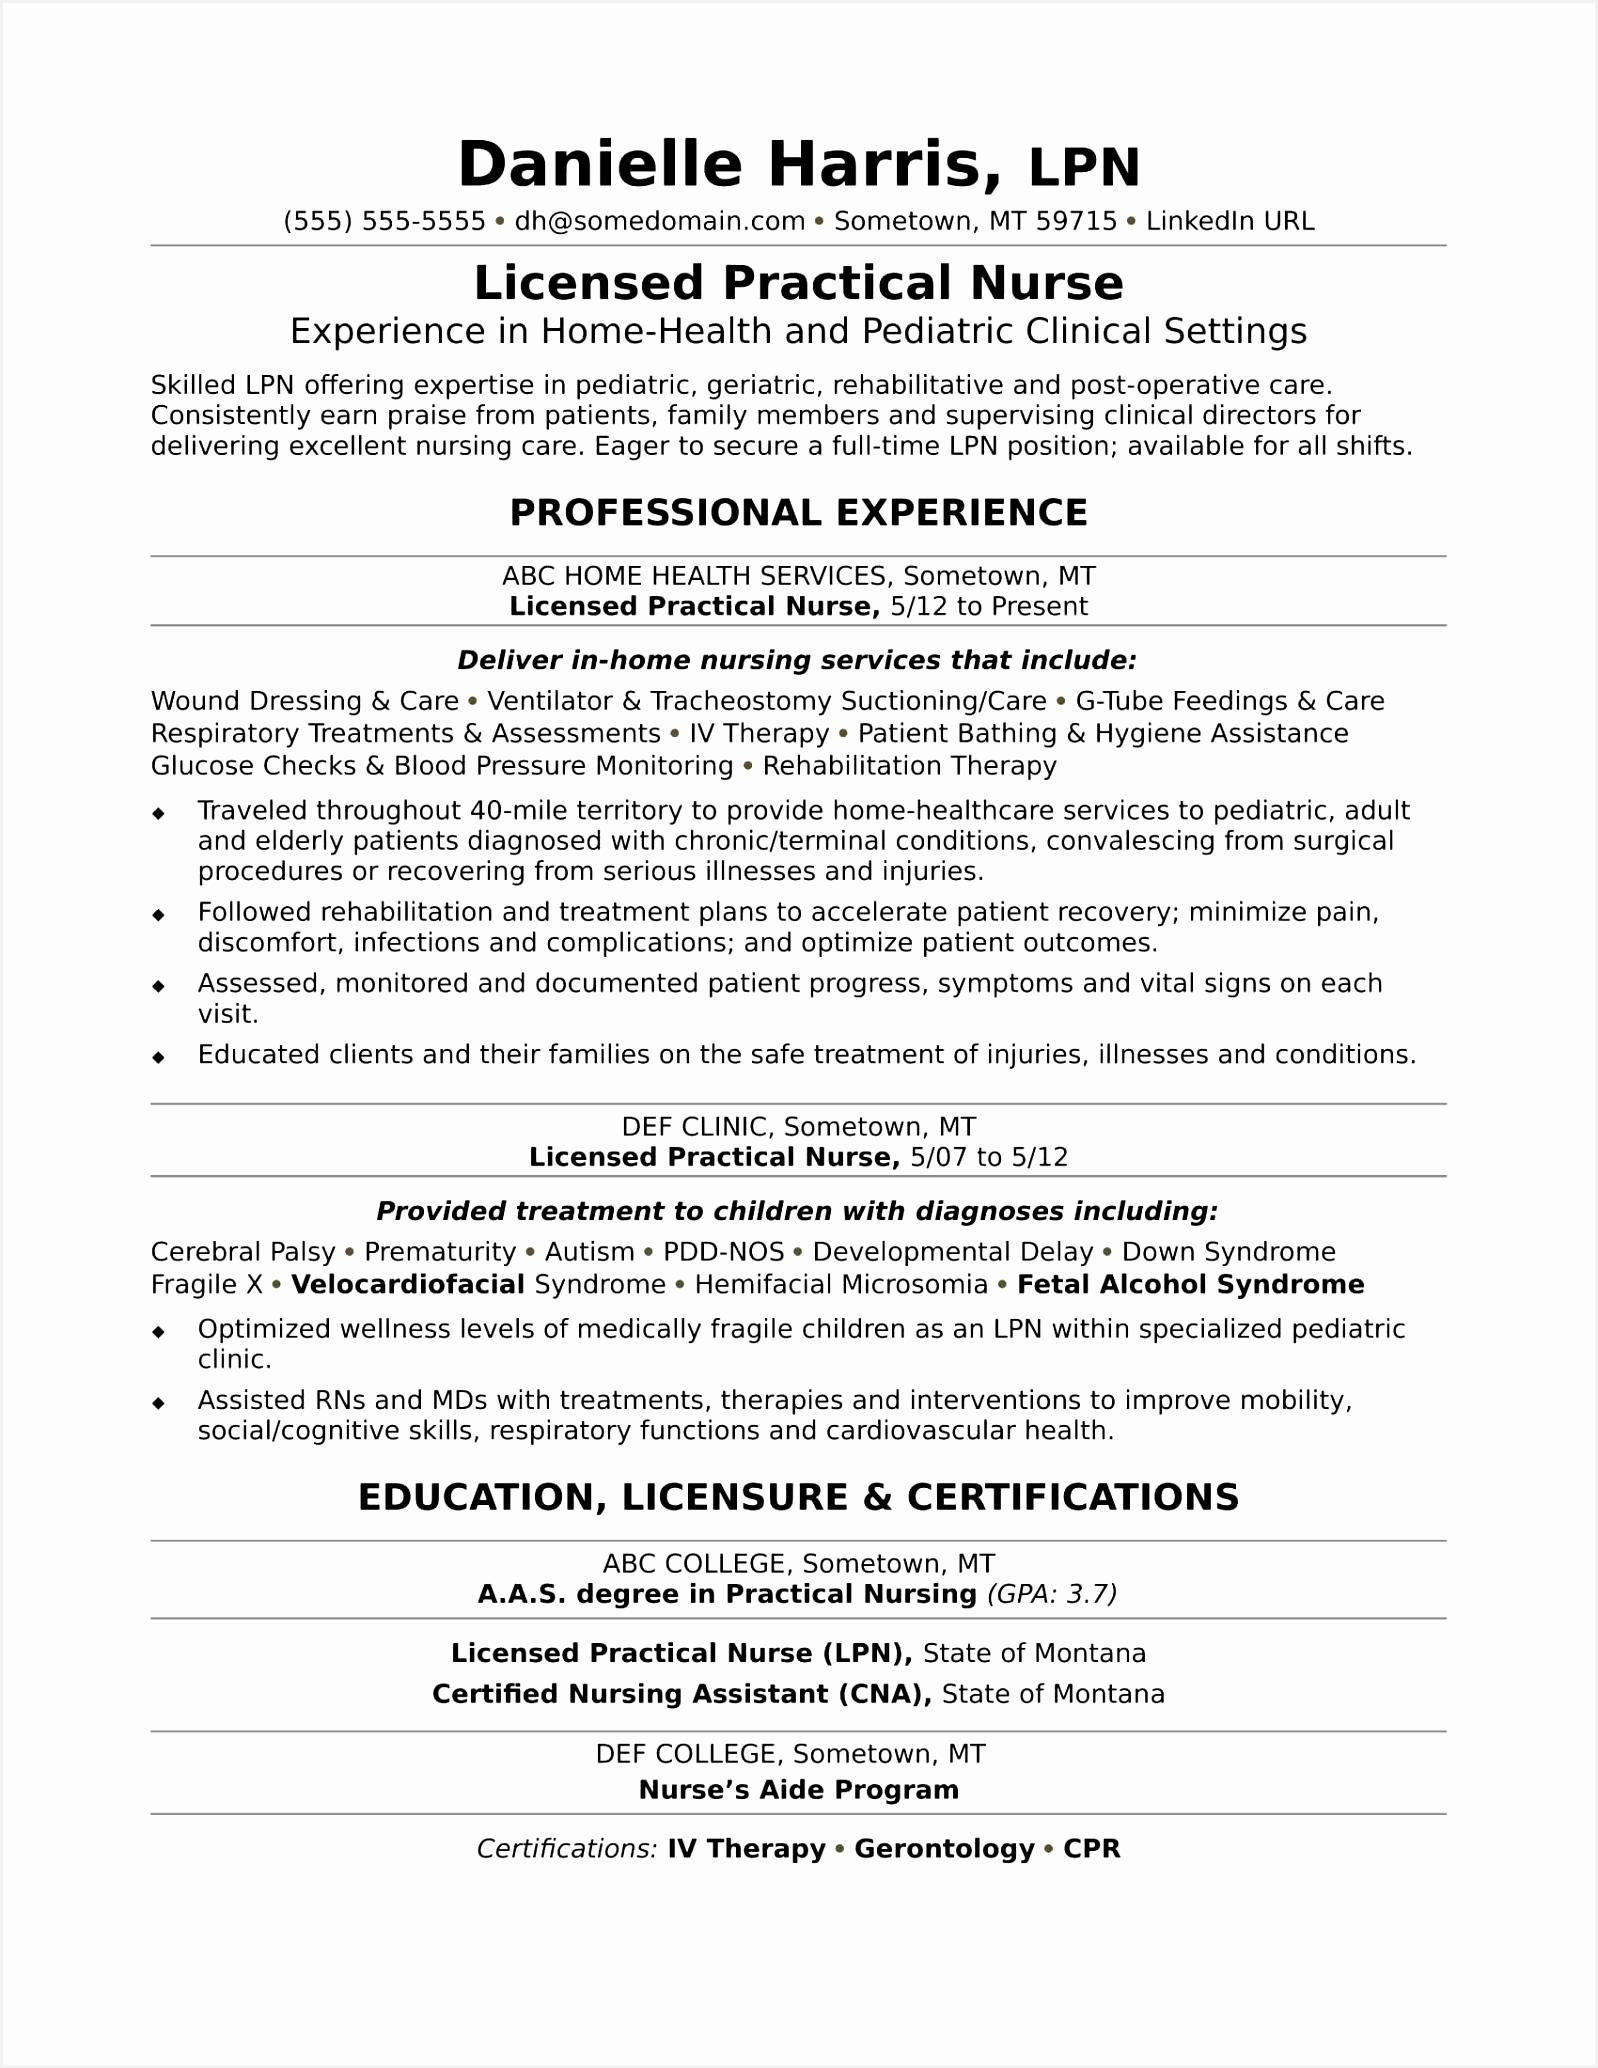 Medical Administration Resume Sample Unique Elegant New Nurse Resume Awesome Nurse Resume 0d Wallpapers 42 20681598tiYtf